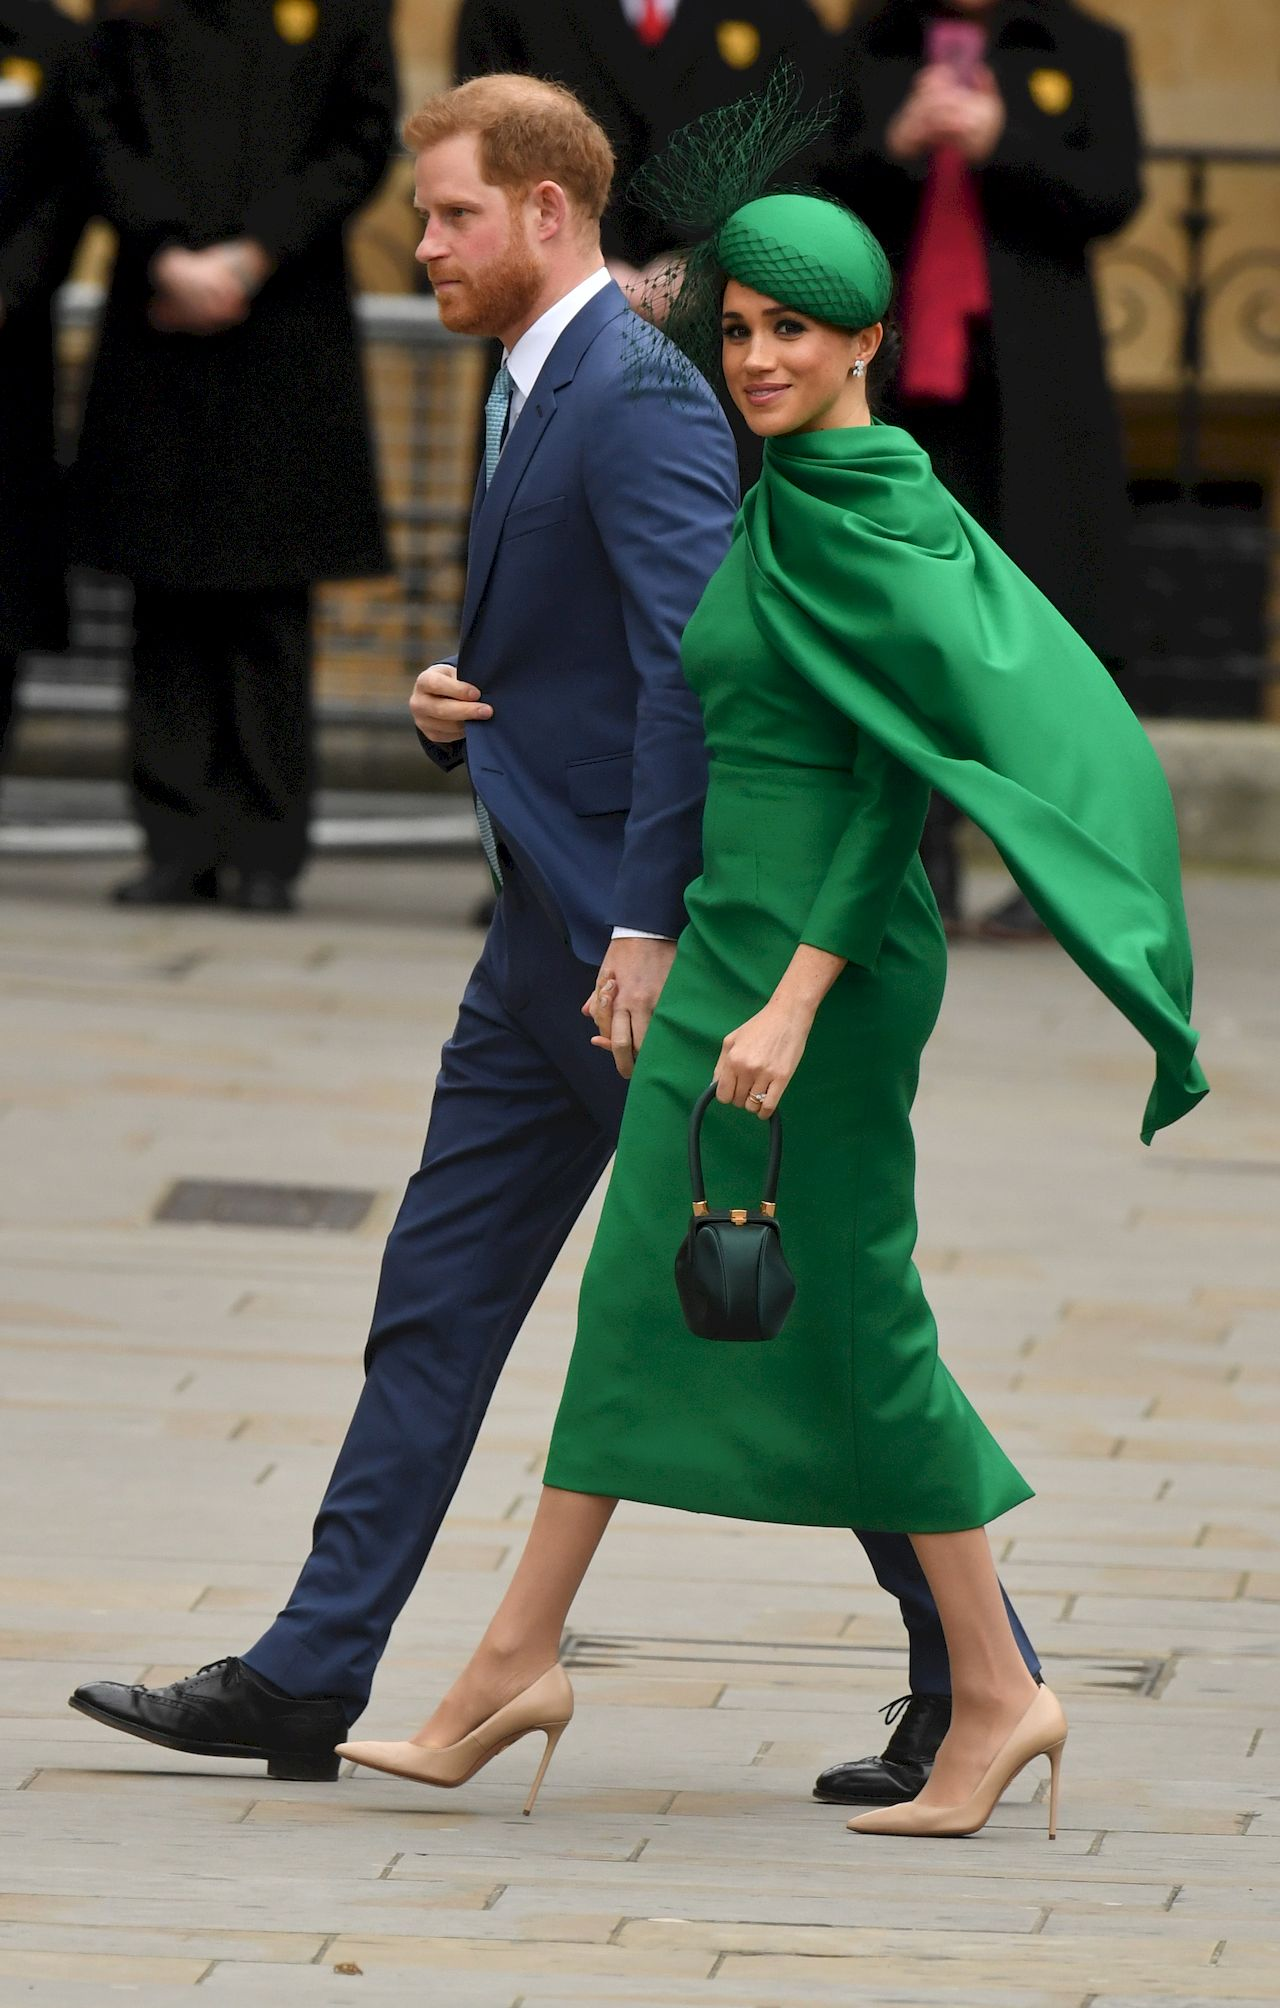 Książę Harry i Meghan Markle na ostatnim, oficjalnym wystąpieniu jako członkowie rodziny królewskiej.